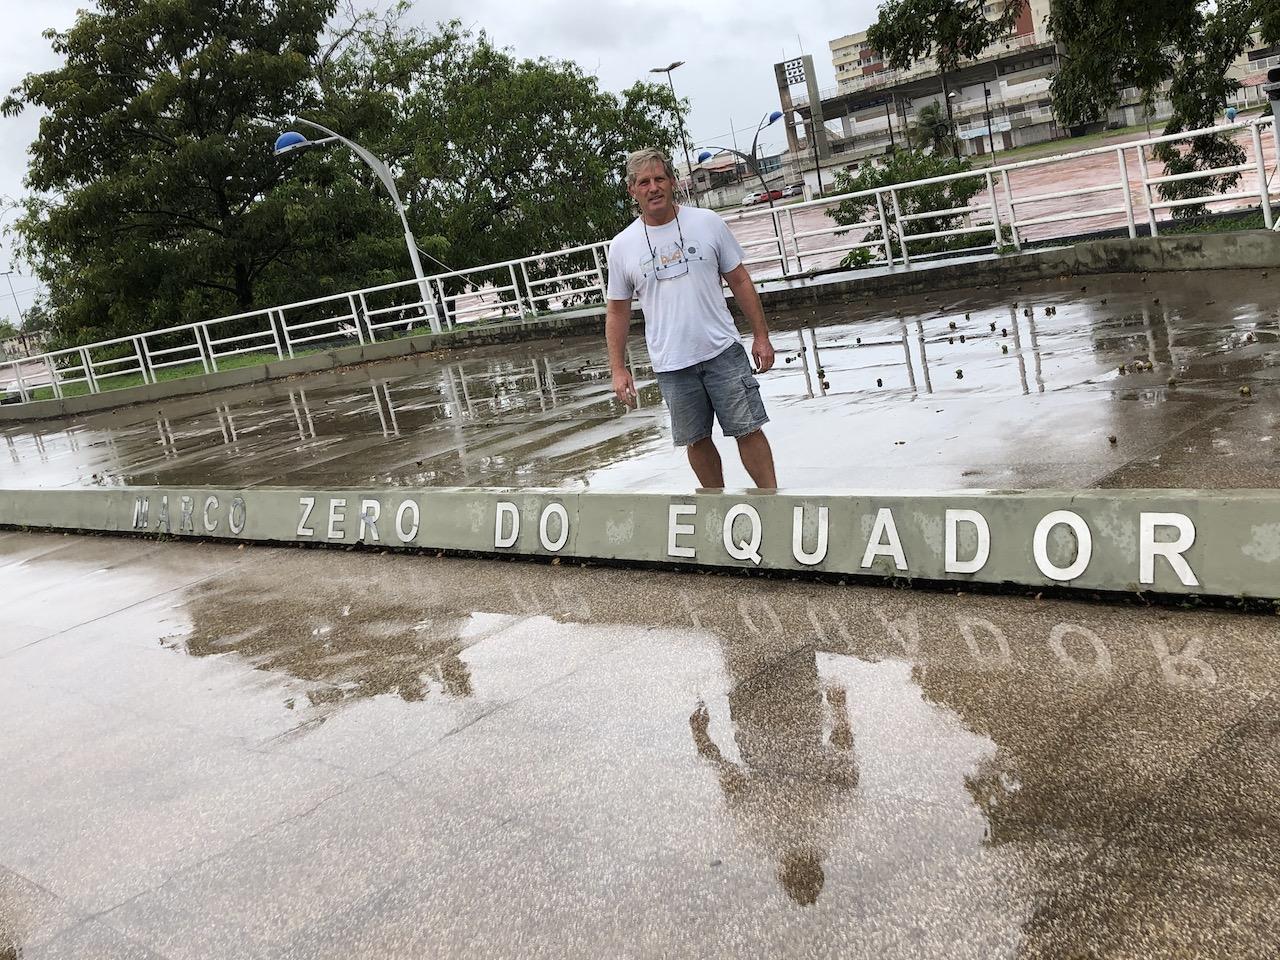 equator line brazil.jpeg